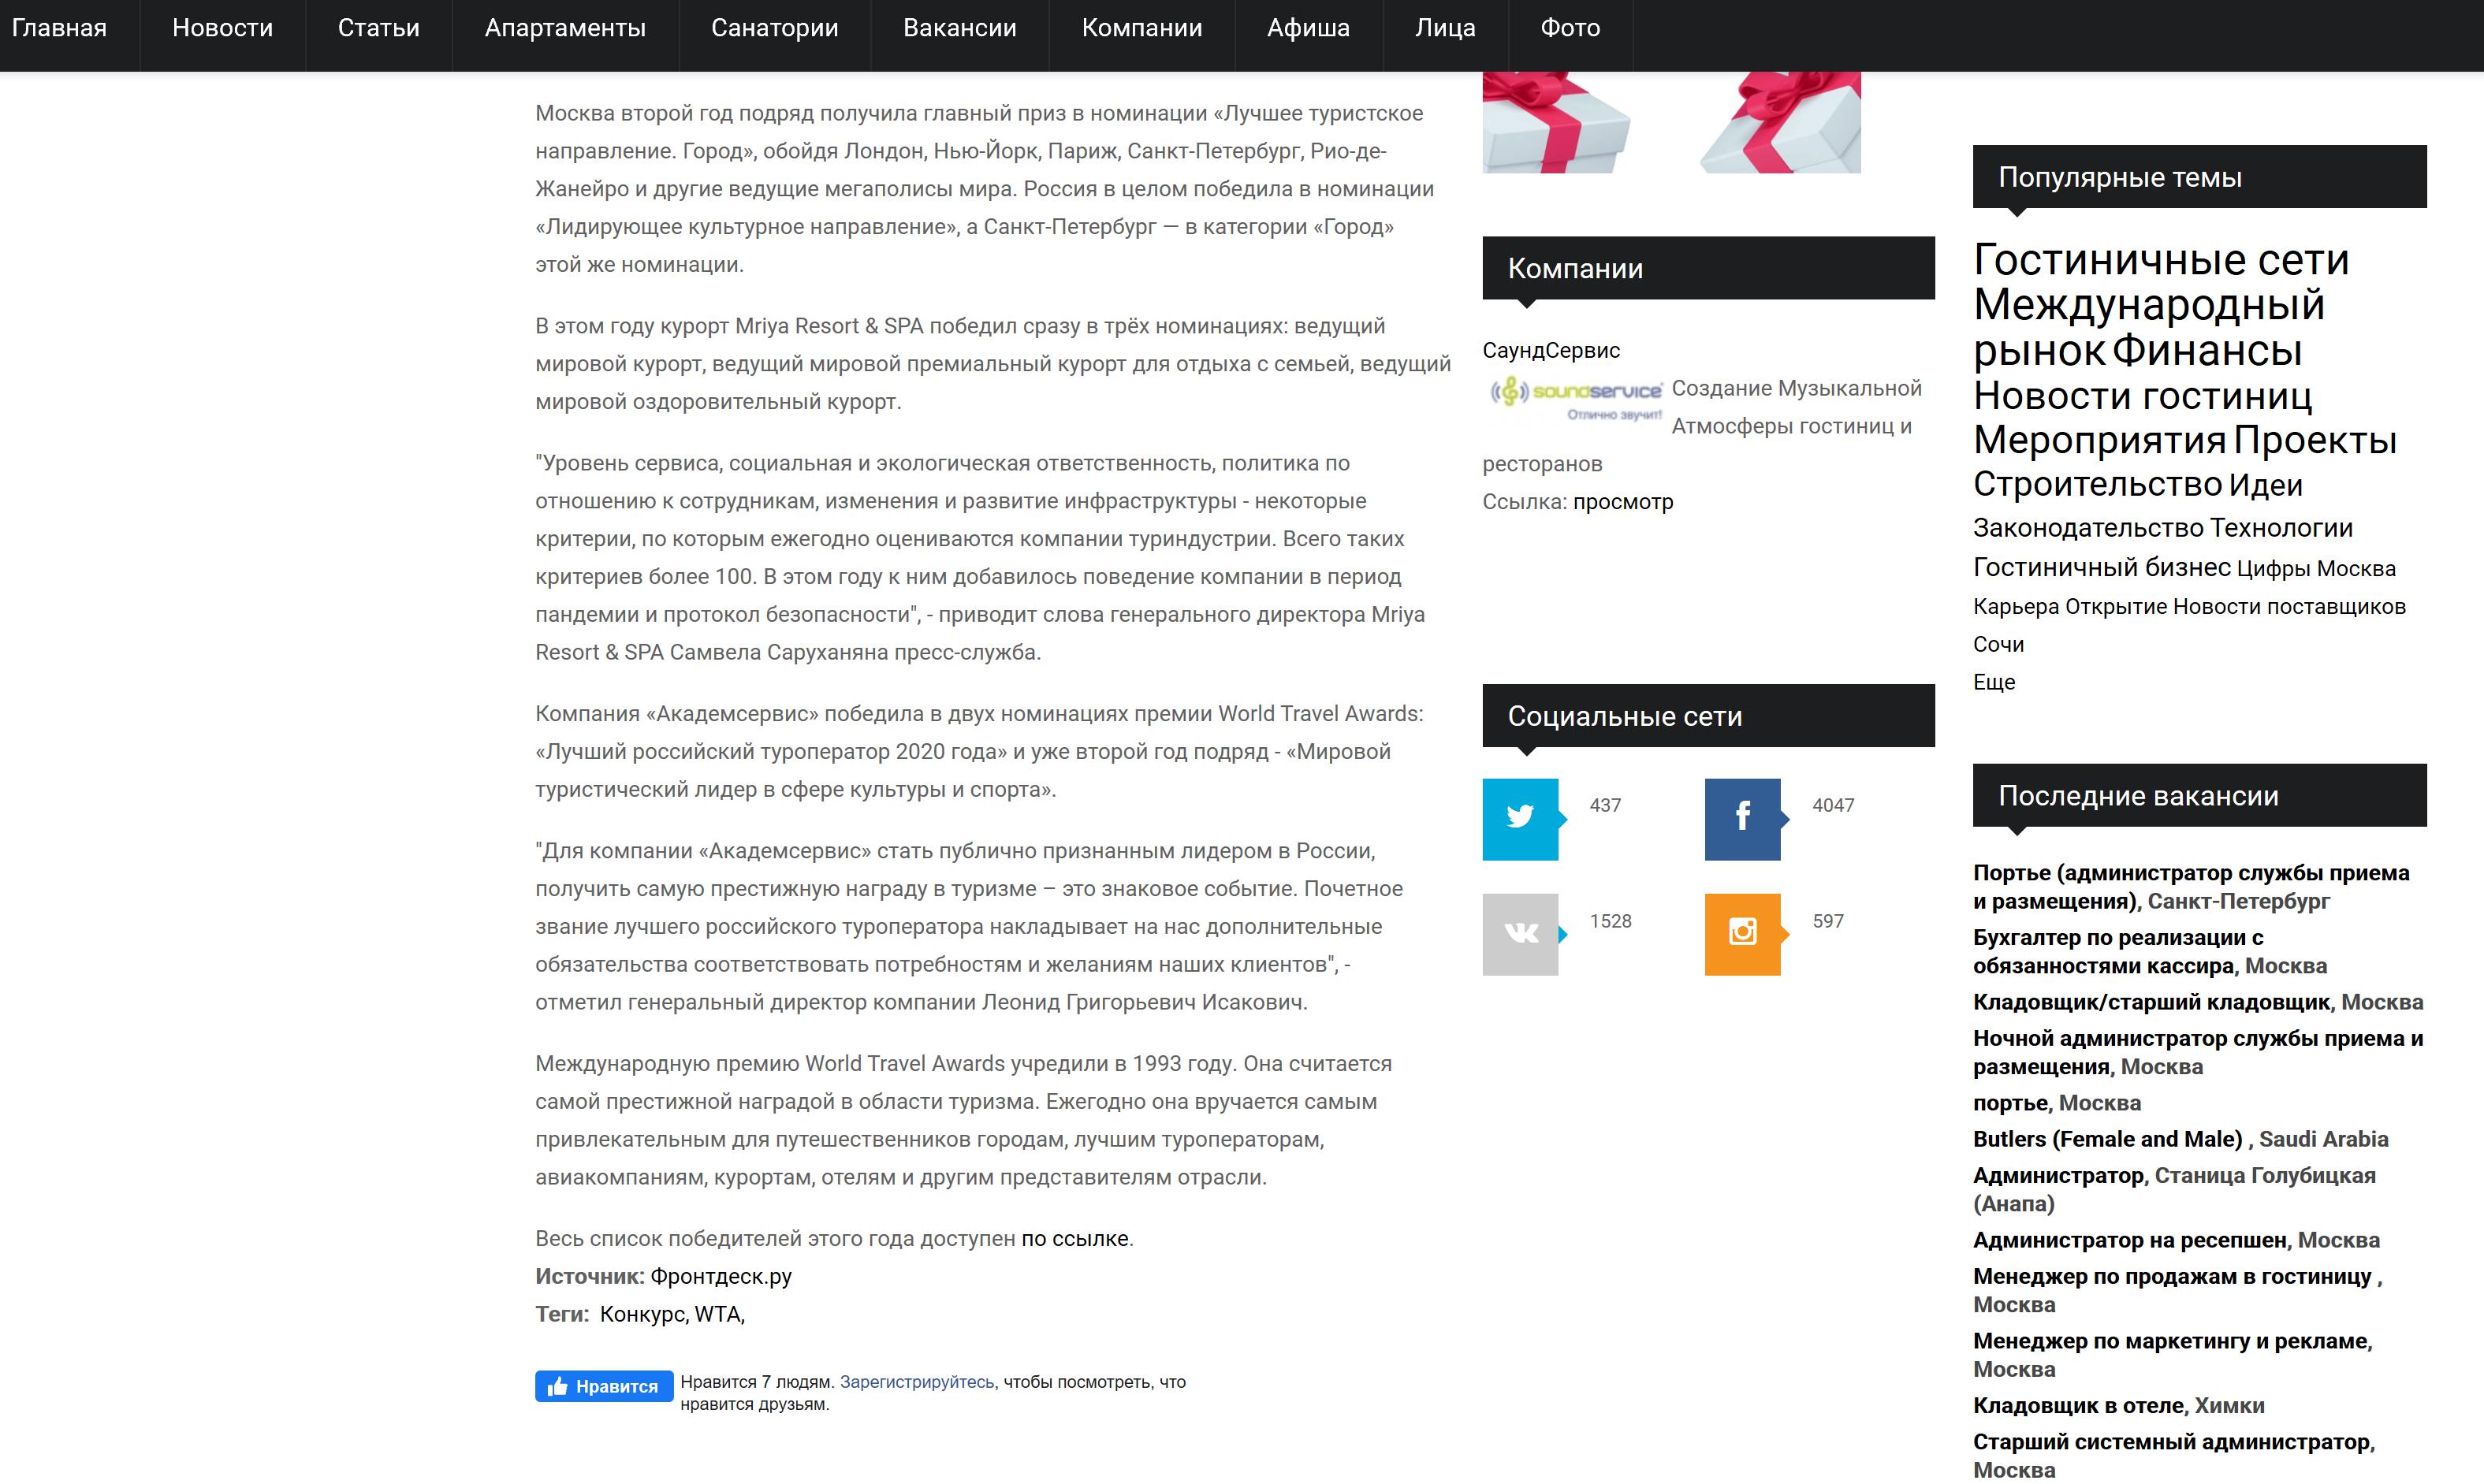 Сообщество профессионалов гостиничного бизнеса frontdesk.ru, www.frontdesk.ru, 03.12.2020